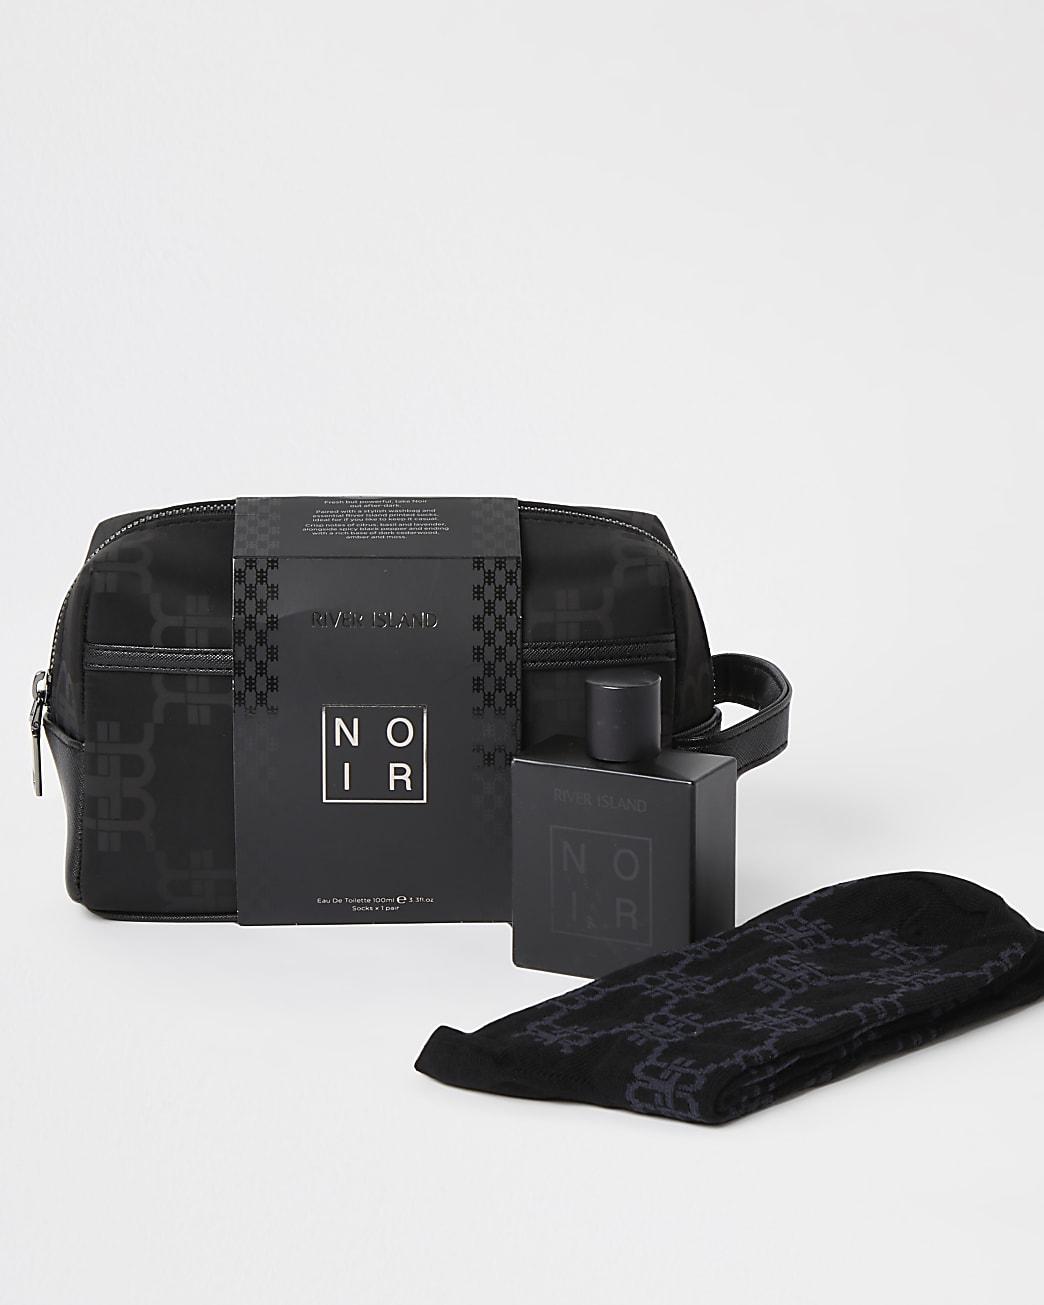 Noir 100ml eau de toilette gift set